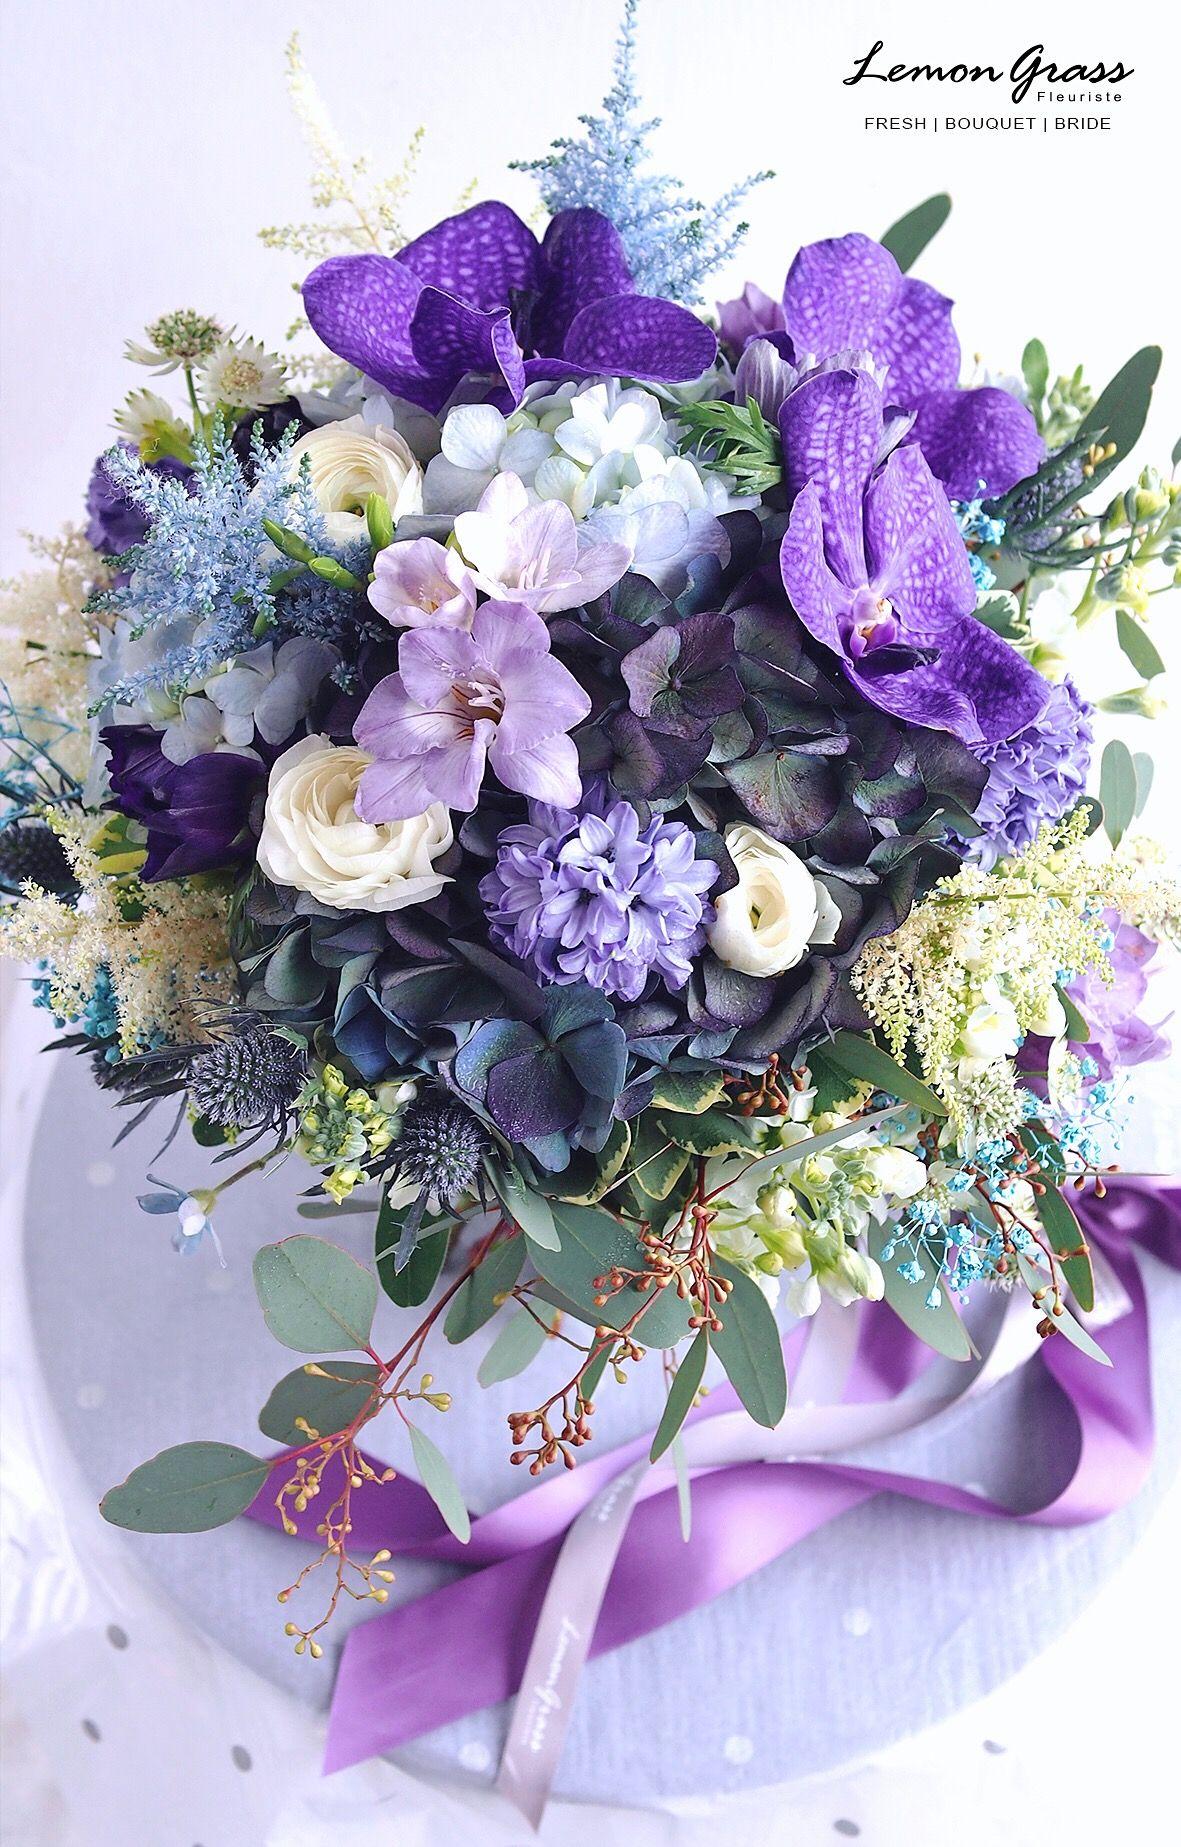 Flower Bouquets, Bridal Bouquets, Fresh Flowers, Floral Arrangements, Floral Bouquets,